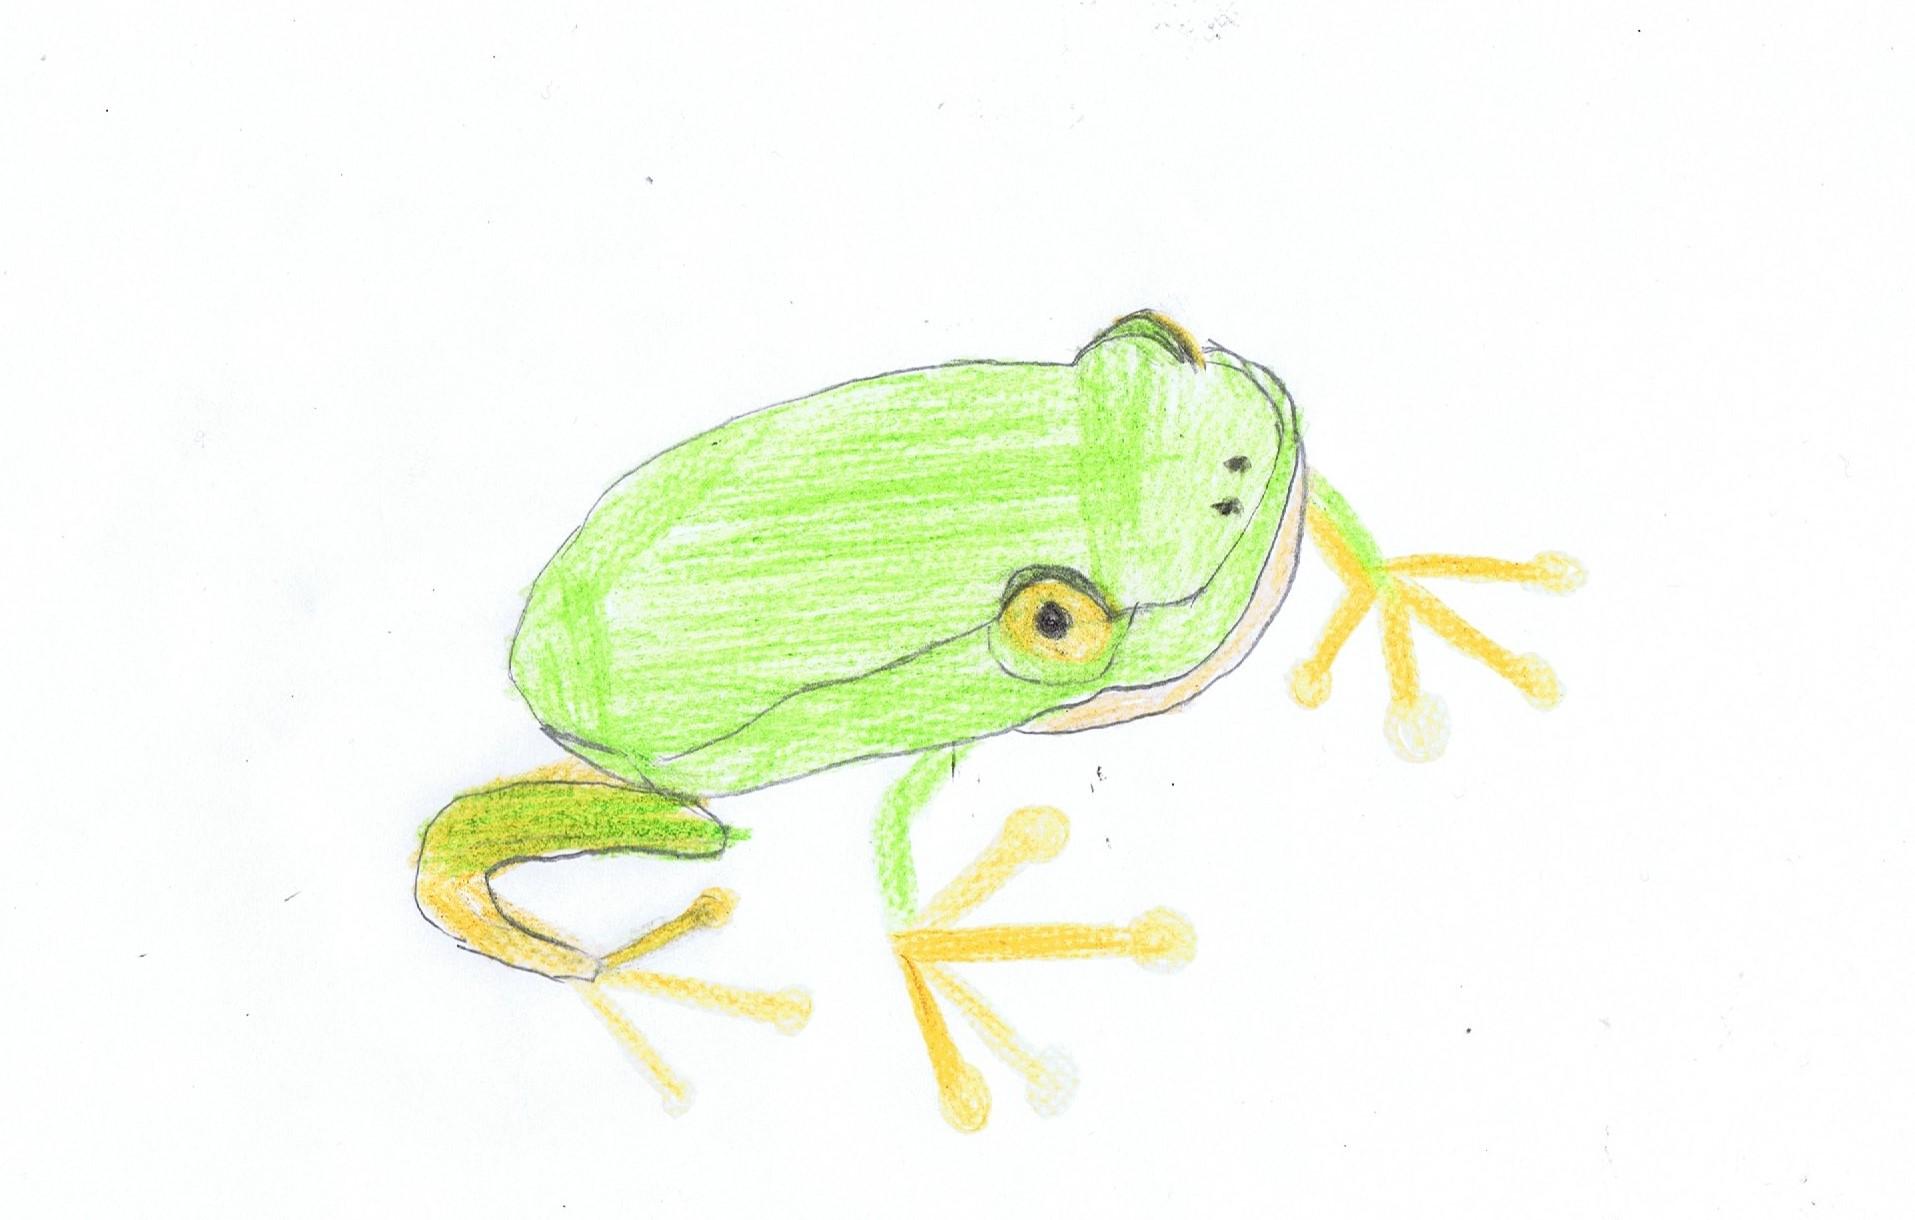 Wetterbericht vom Frosch